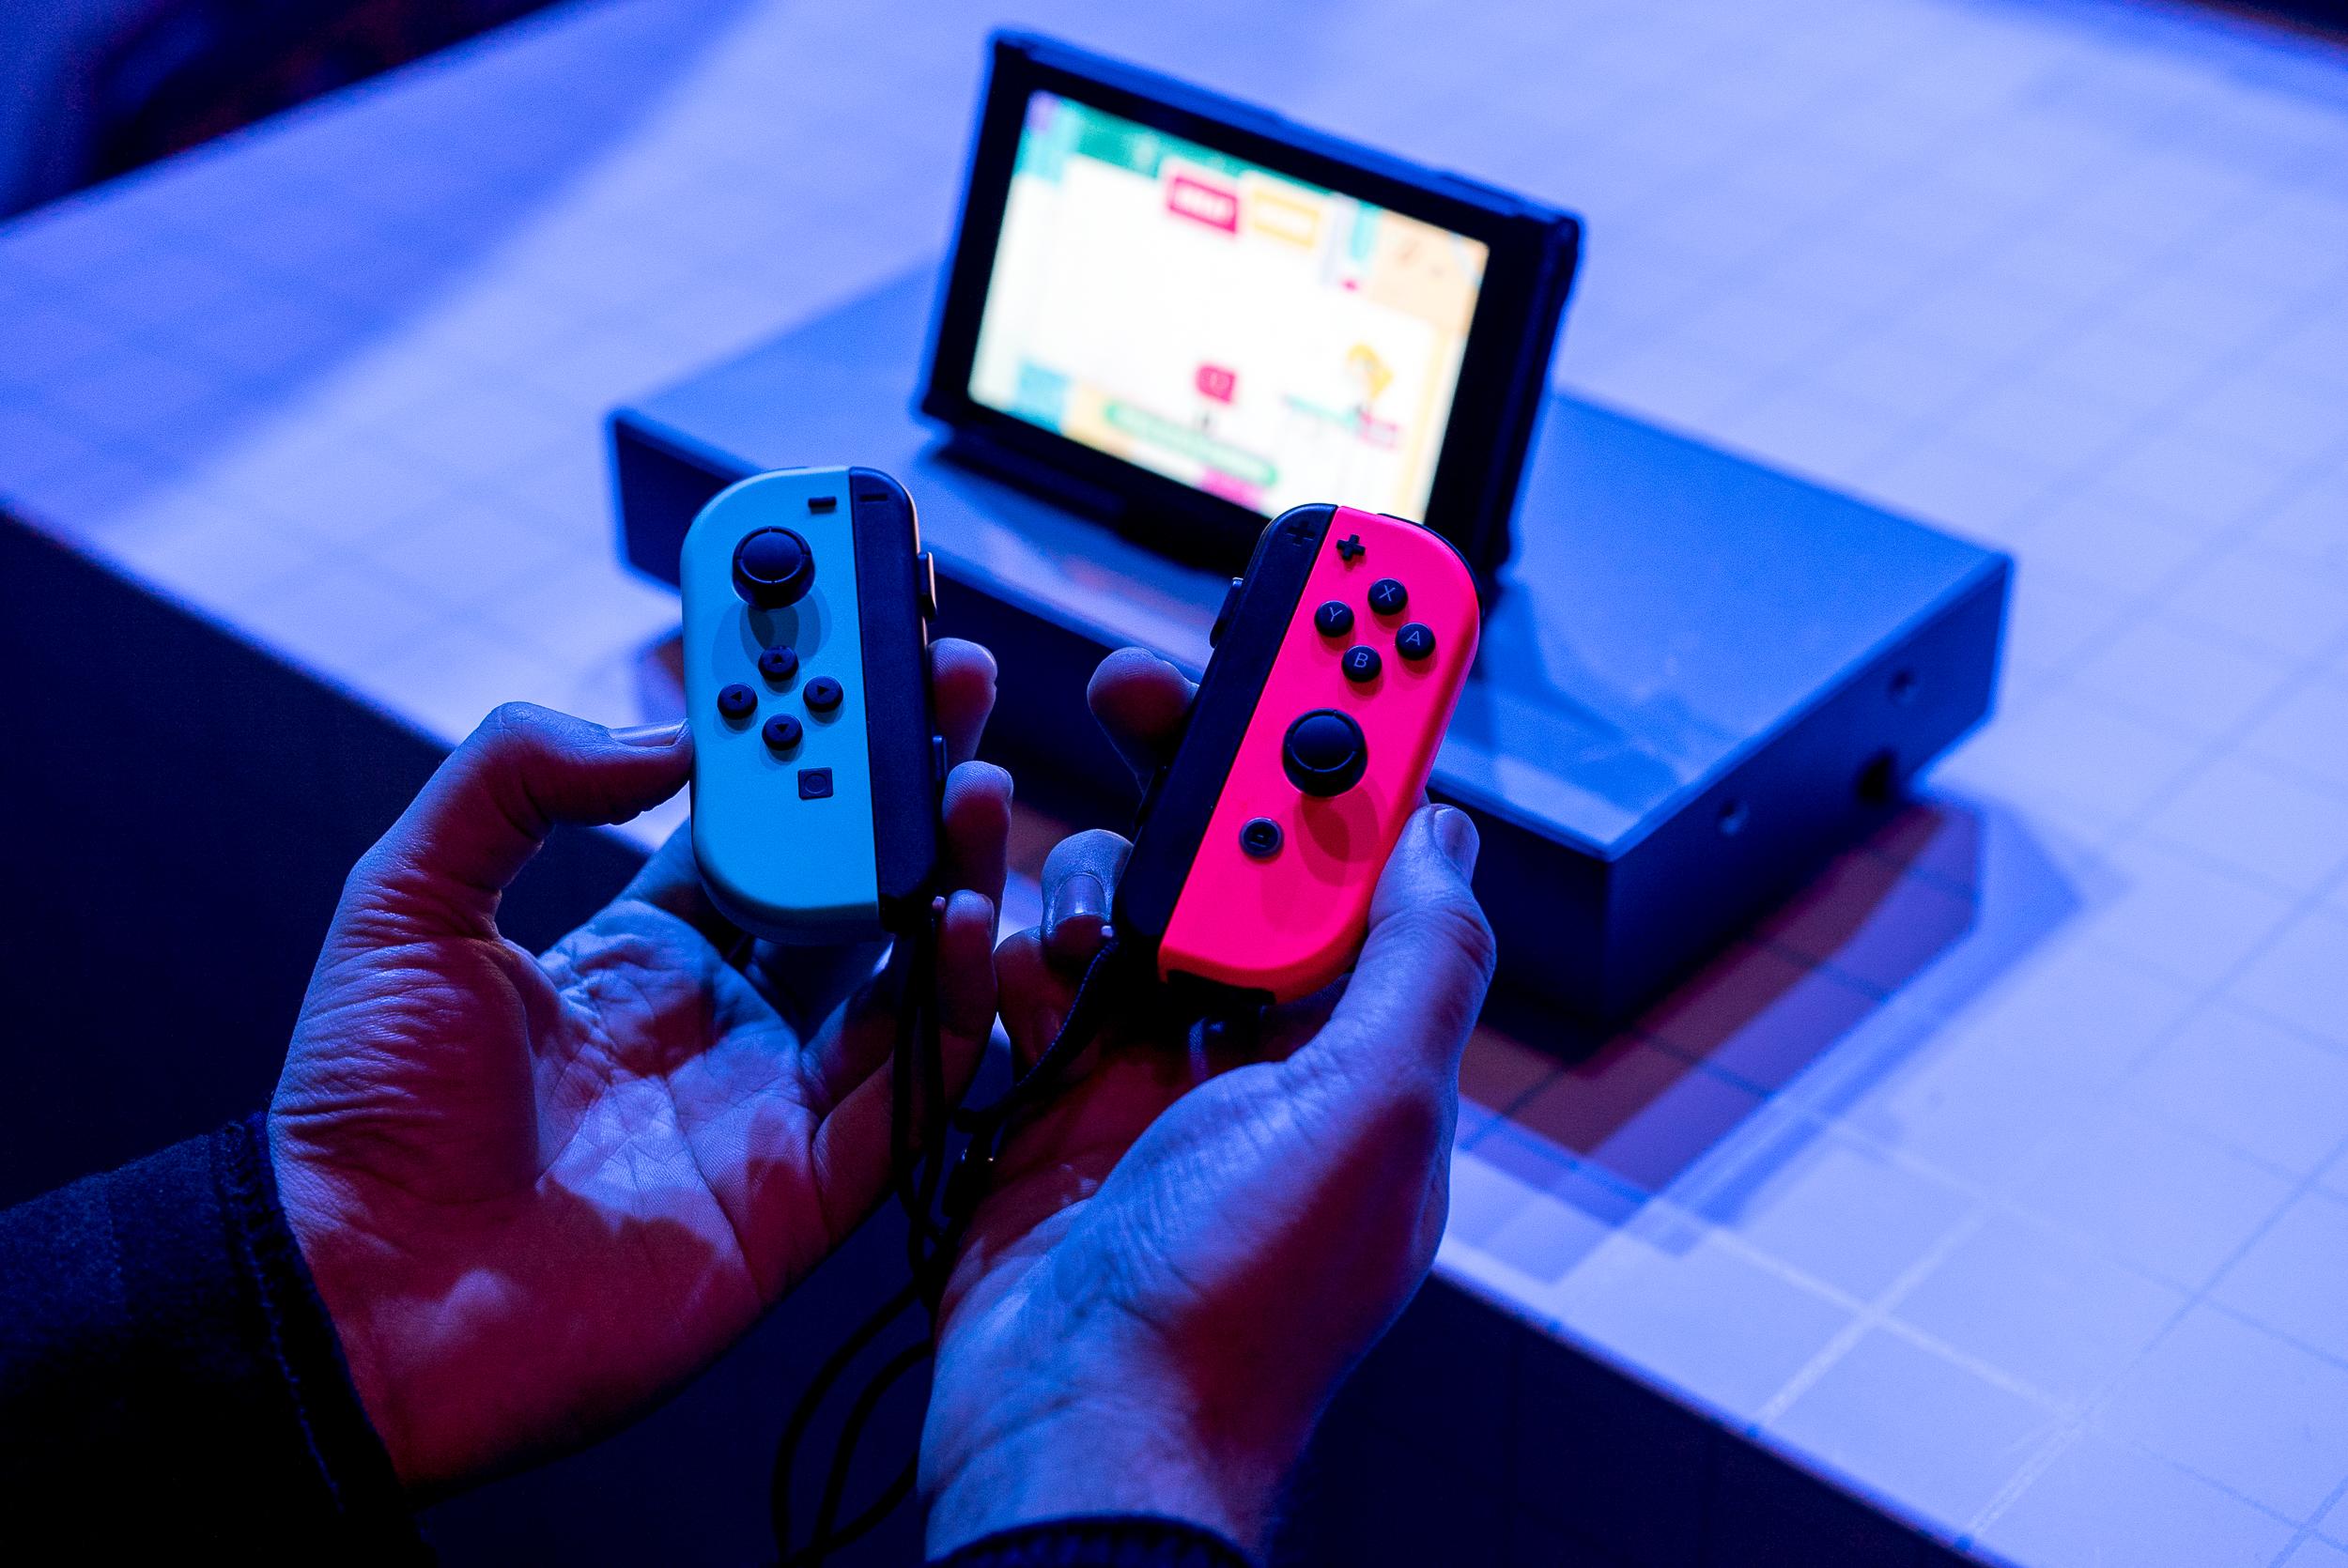 Nintendo's Joy-Con controllers.